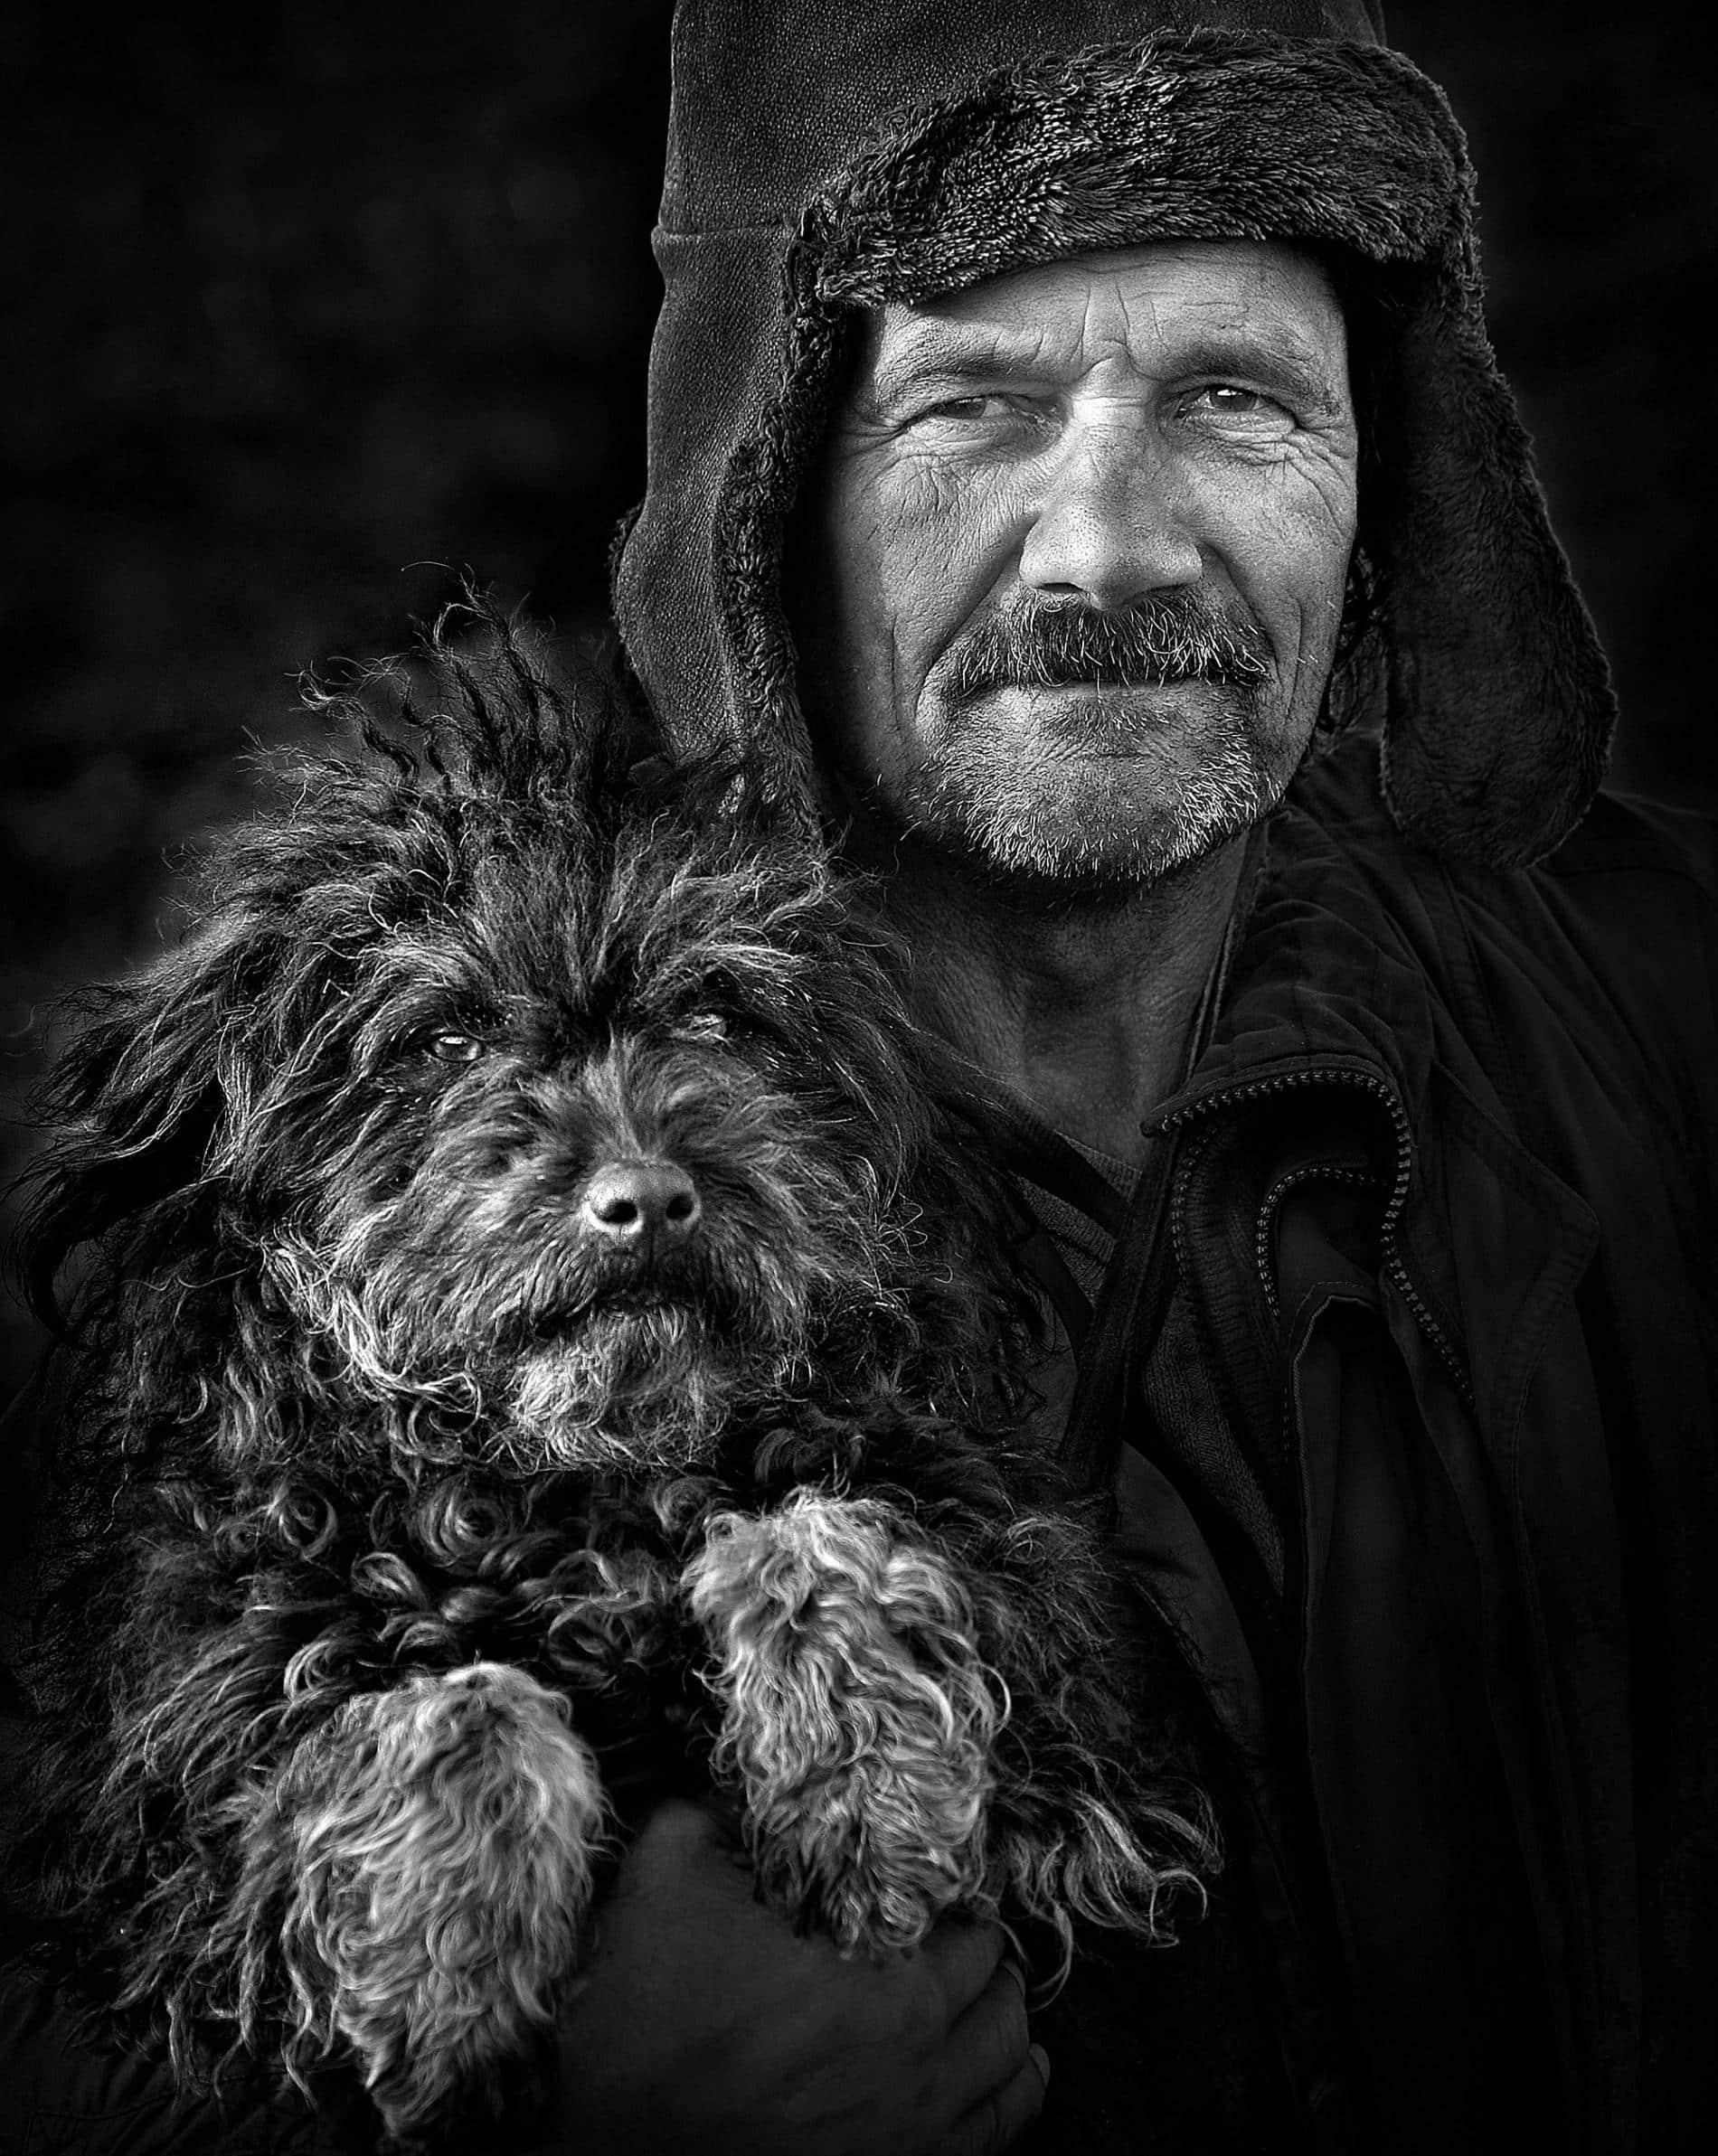 transylvania retratos istvan kerekes doggie